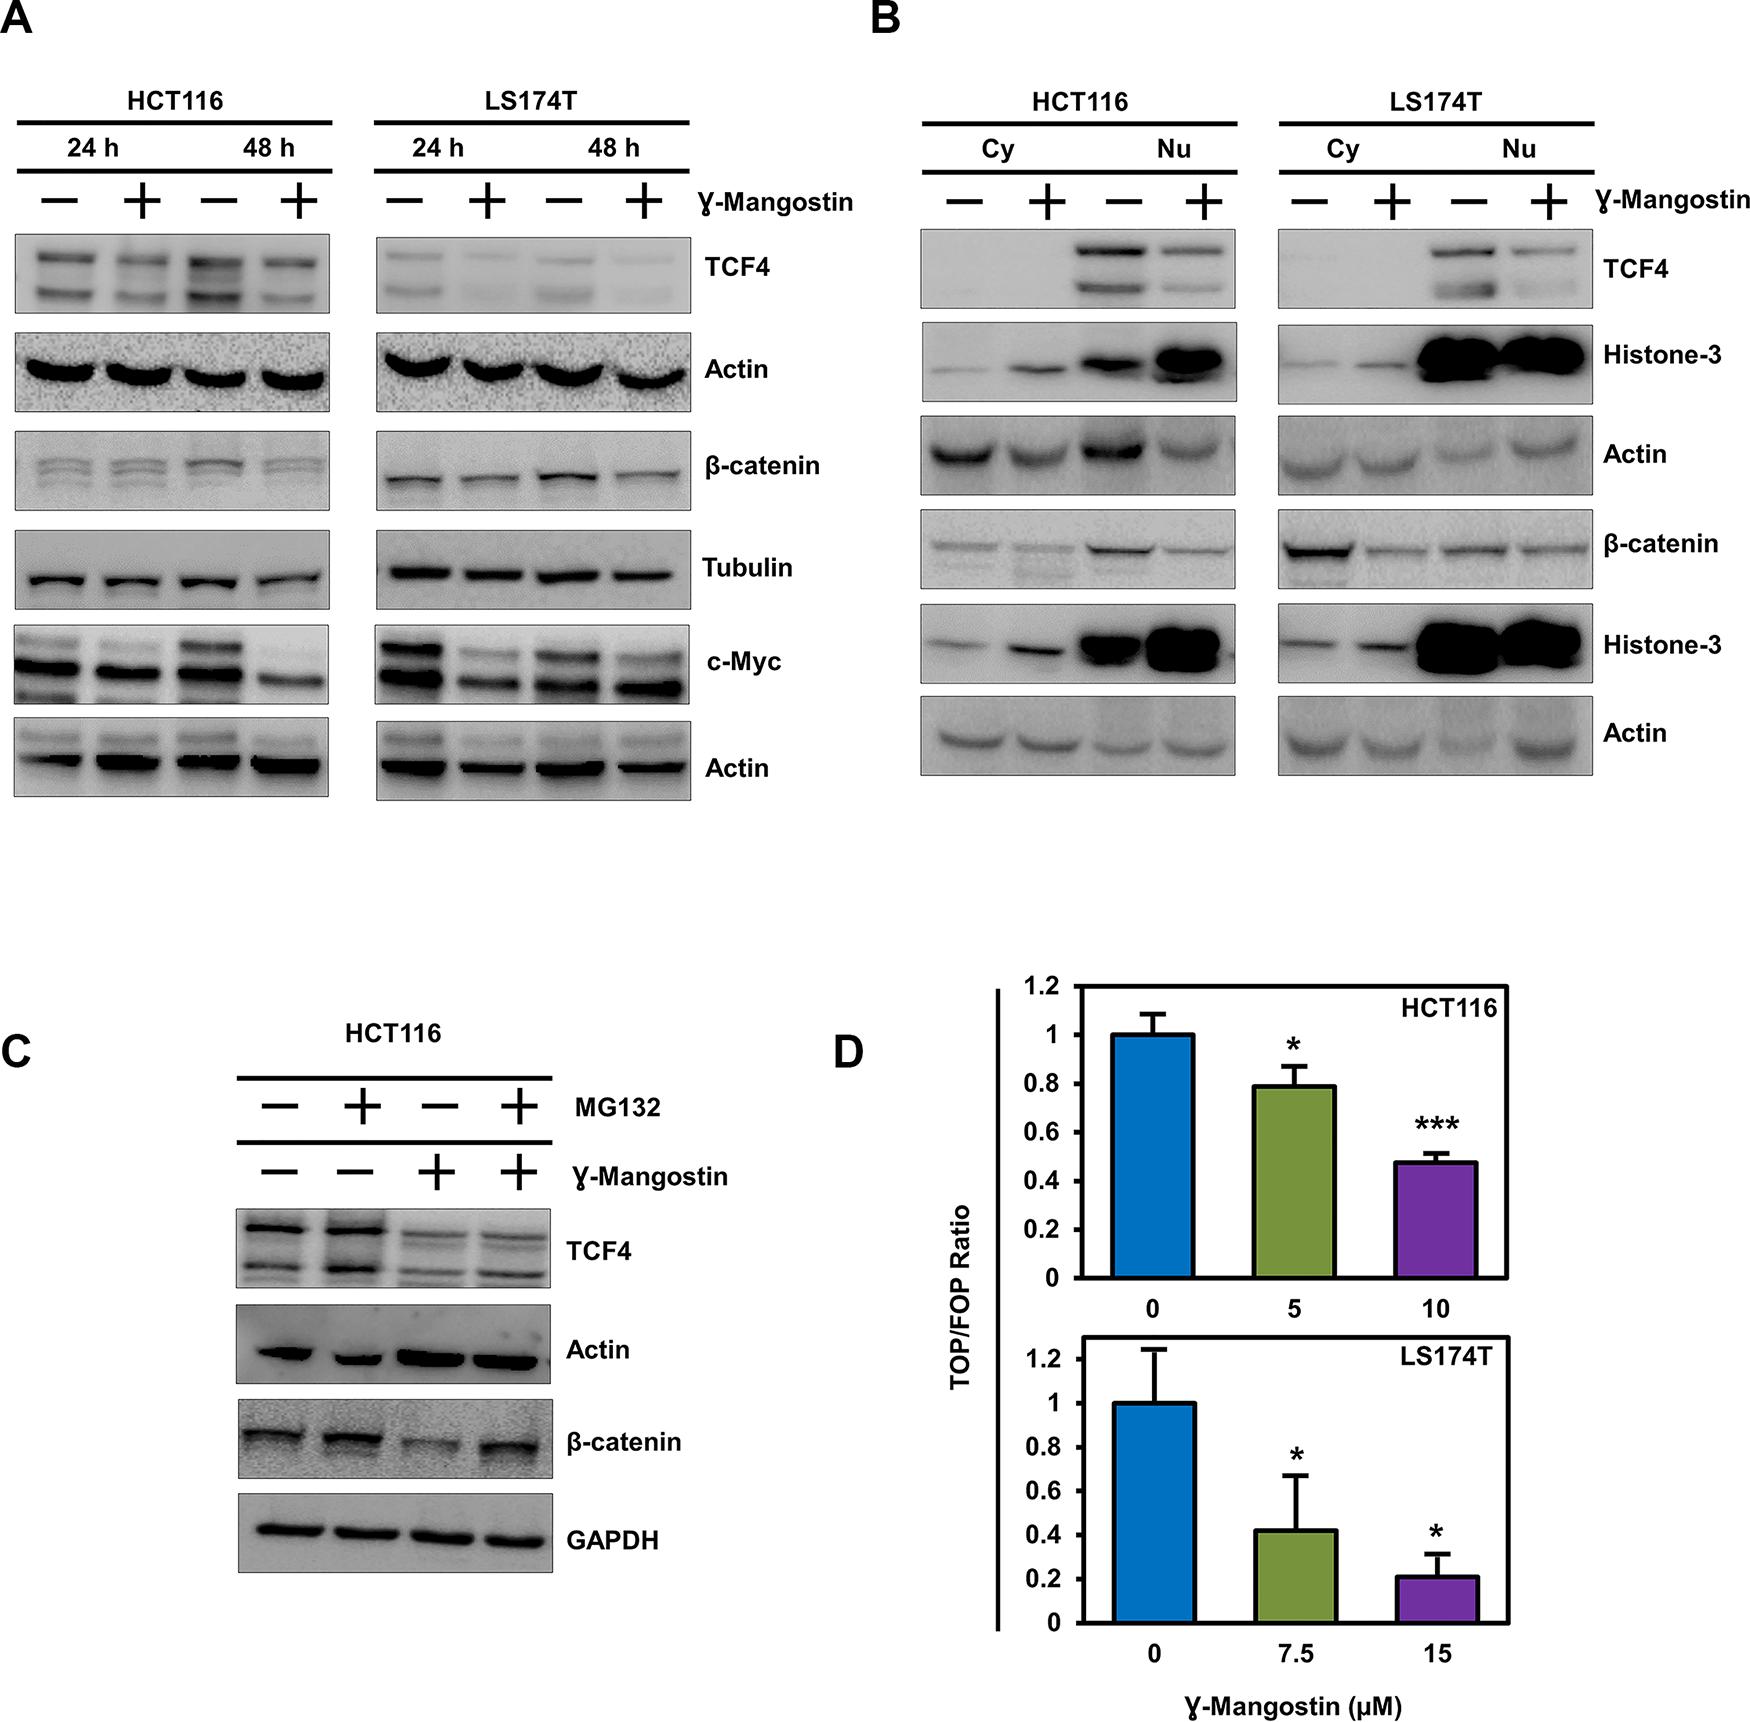 γ-Mangostin inhibits TCF4 expression.